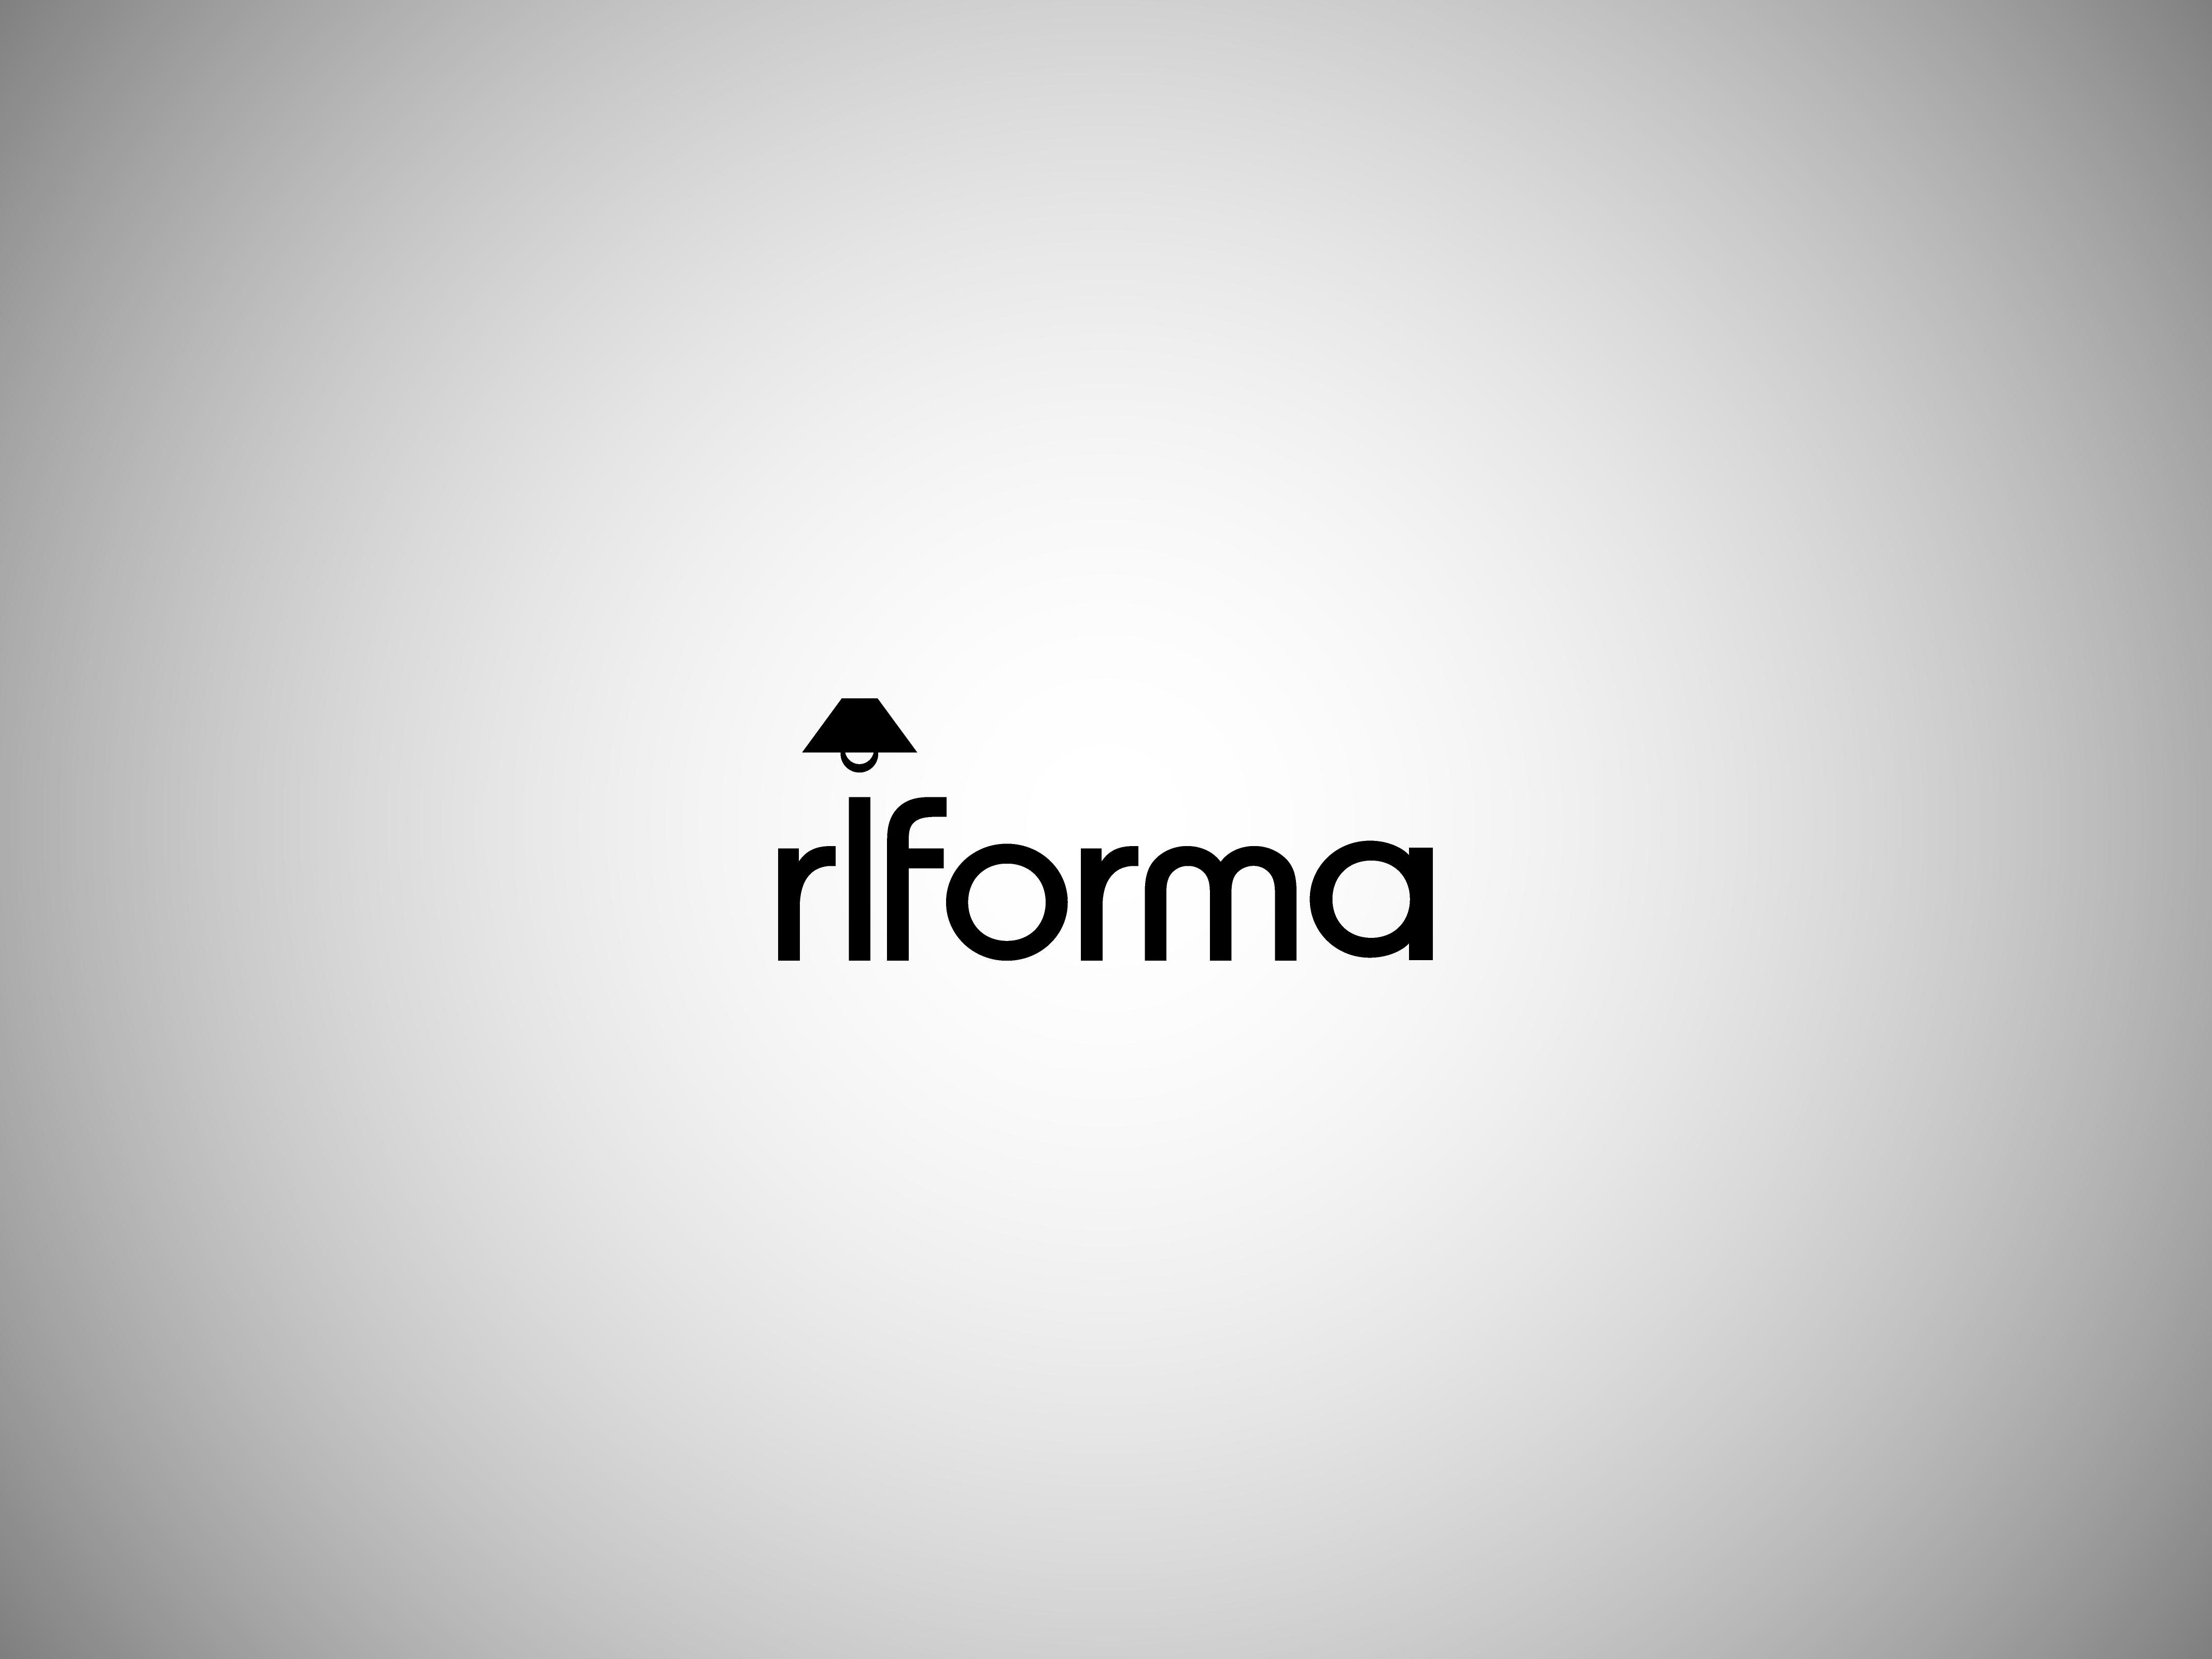 Разработка логотипа и элементов фирменного стиля фото f_44757a3aab12df66.png